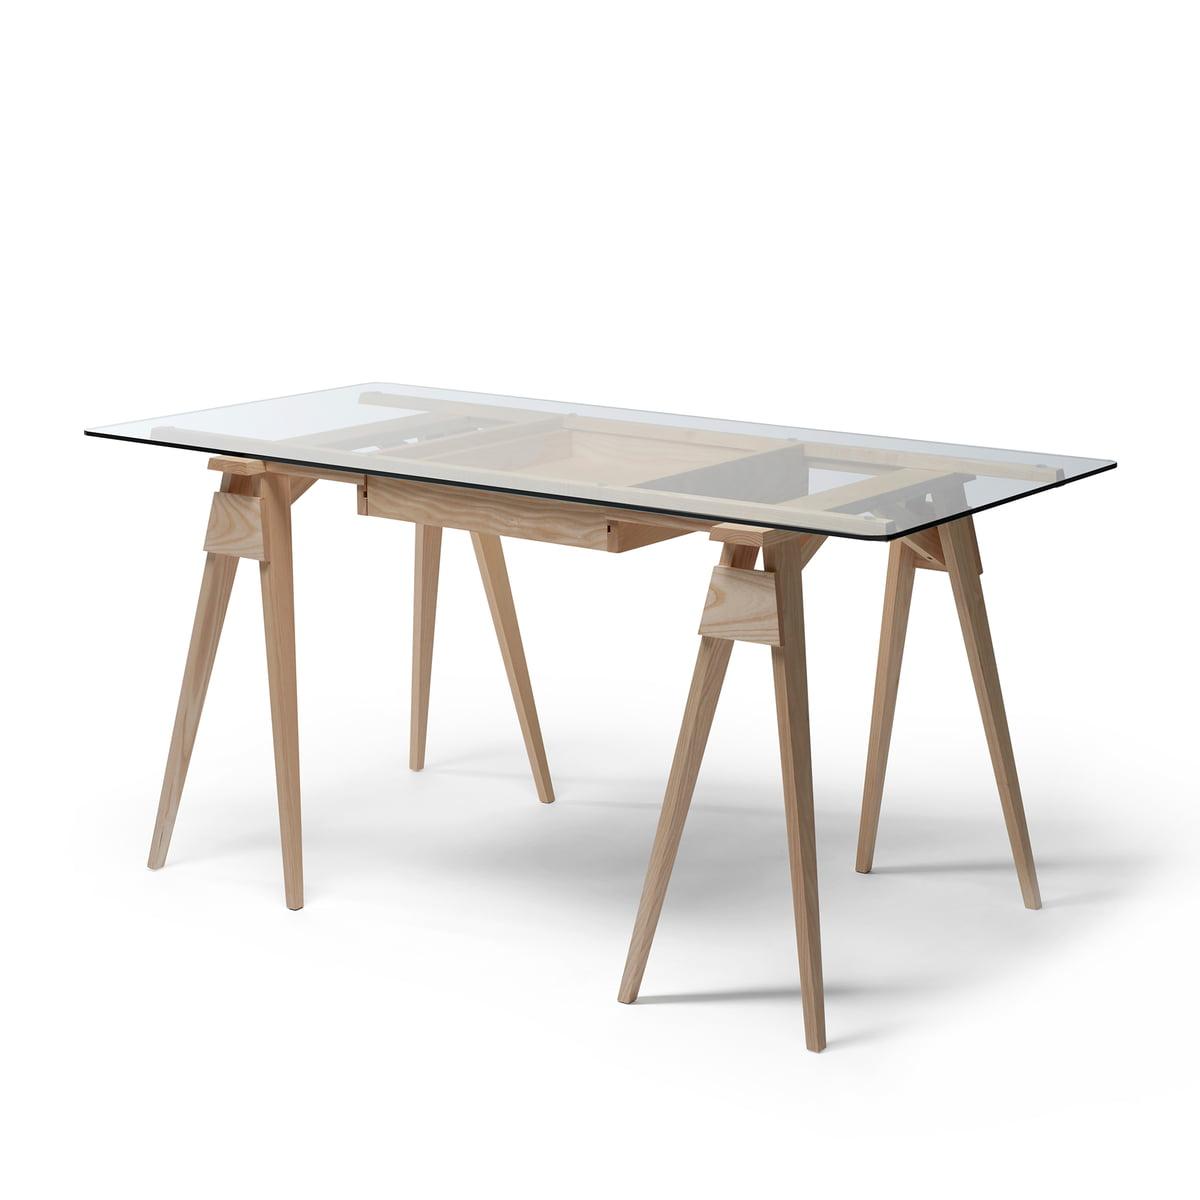 Design House Stockholm - Arco Schreibtisch, Eiche | Büro > Bürotische > Schreibtische | Eichenholz | Design House Stockholm